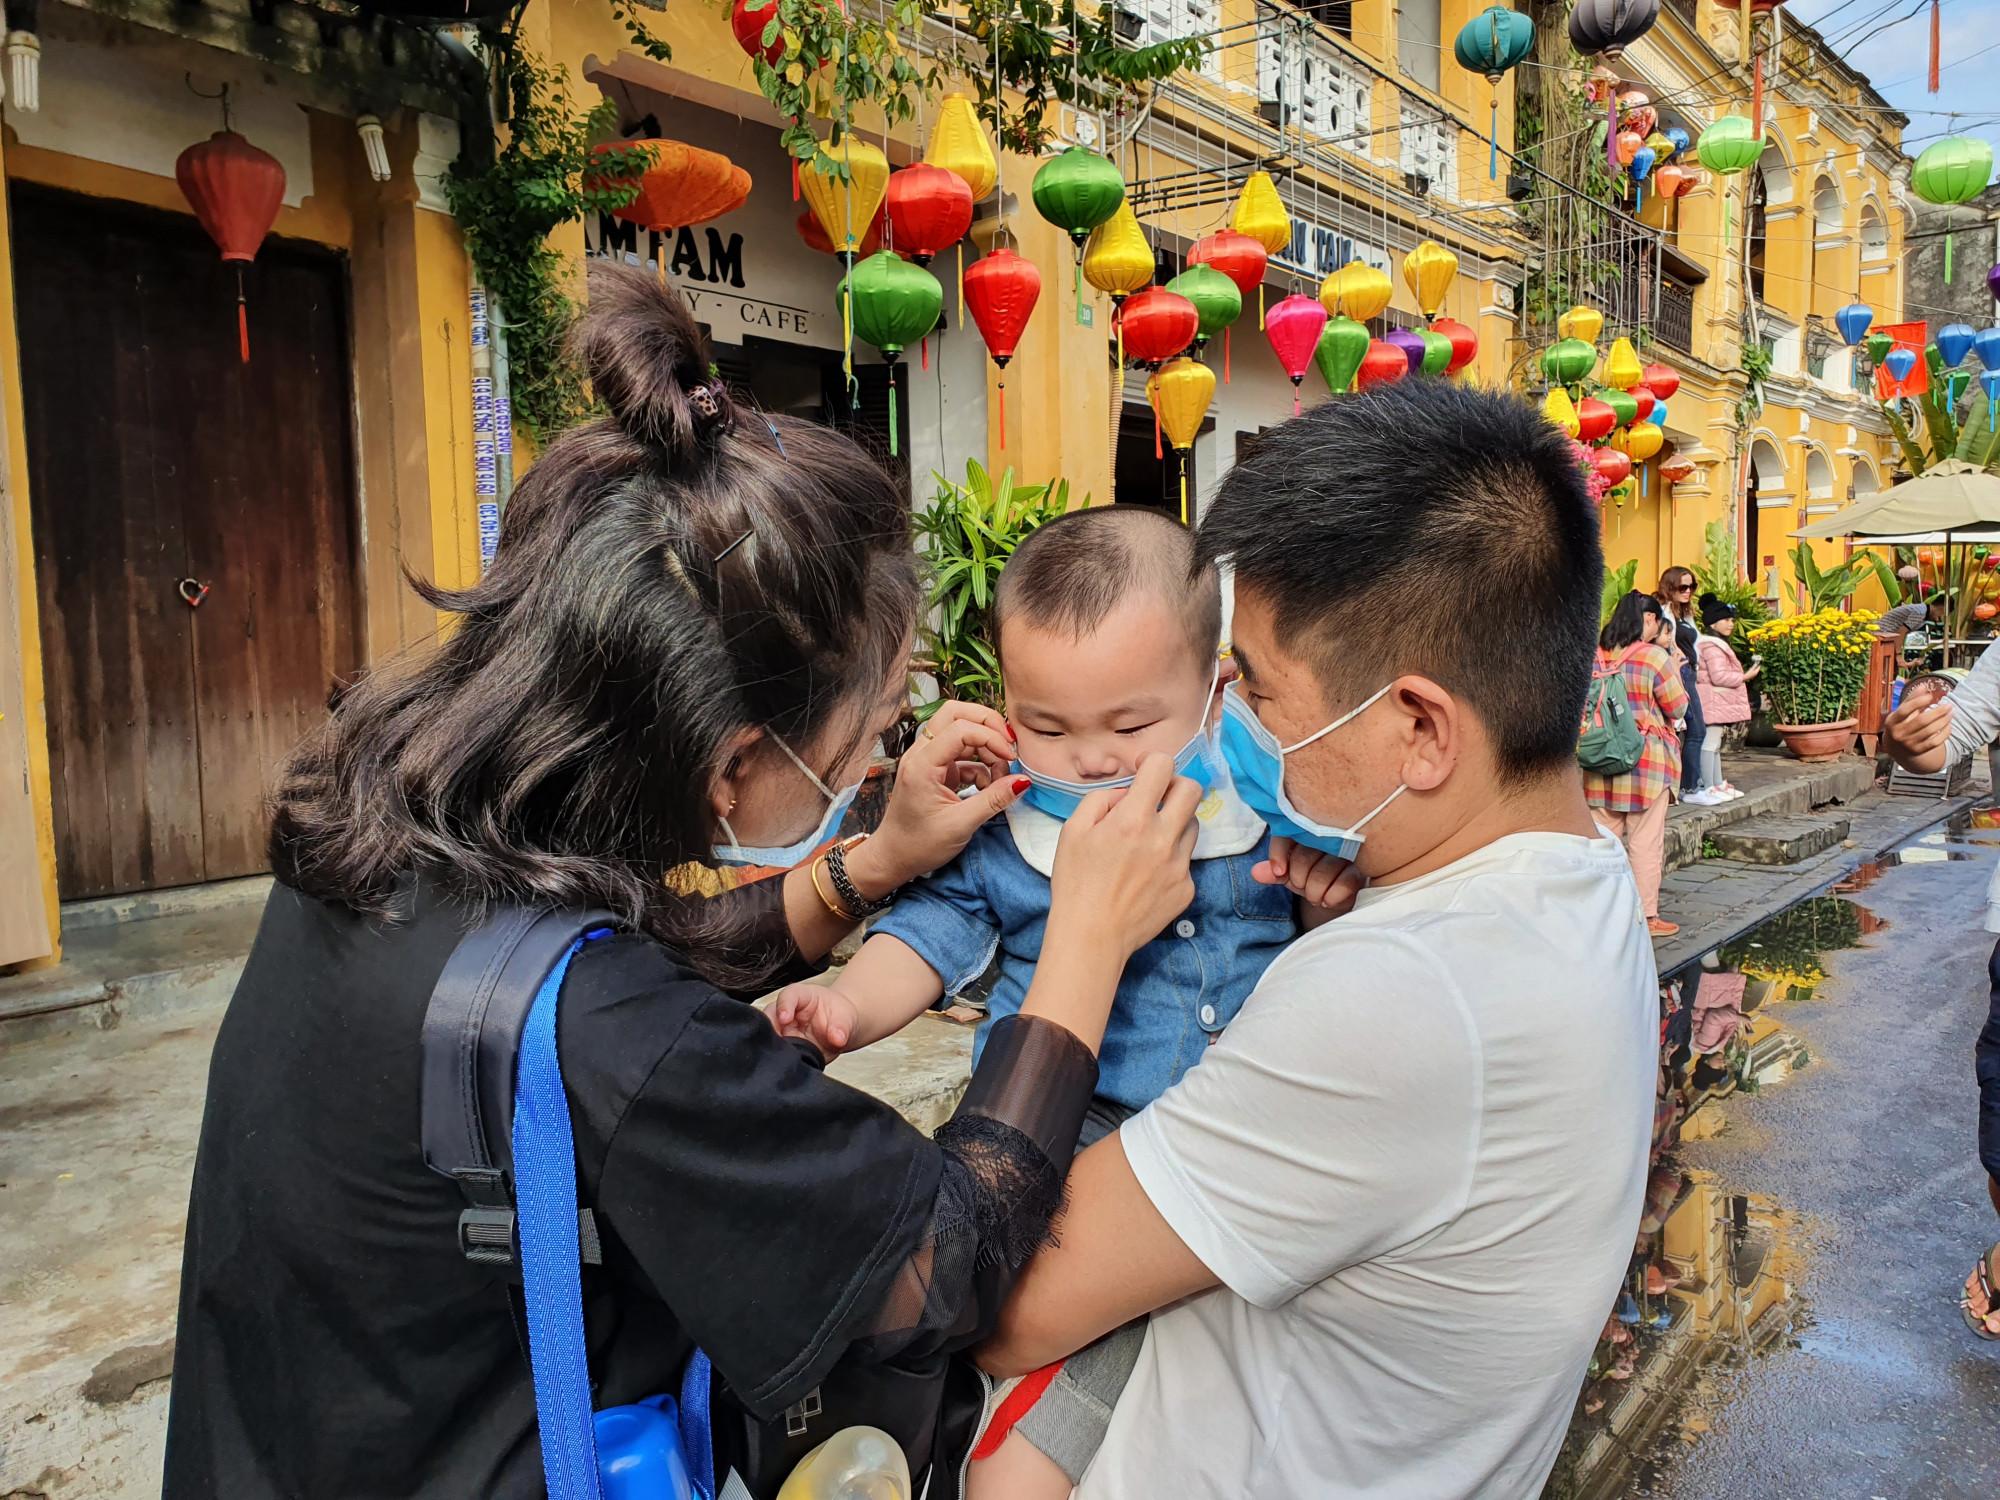 Hiện tại, lượng khách người Trung Quốc có giảm xuống